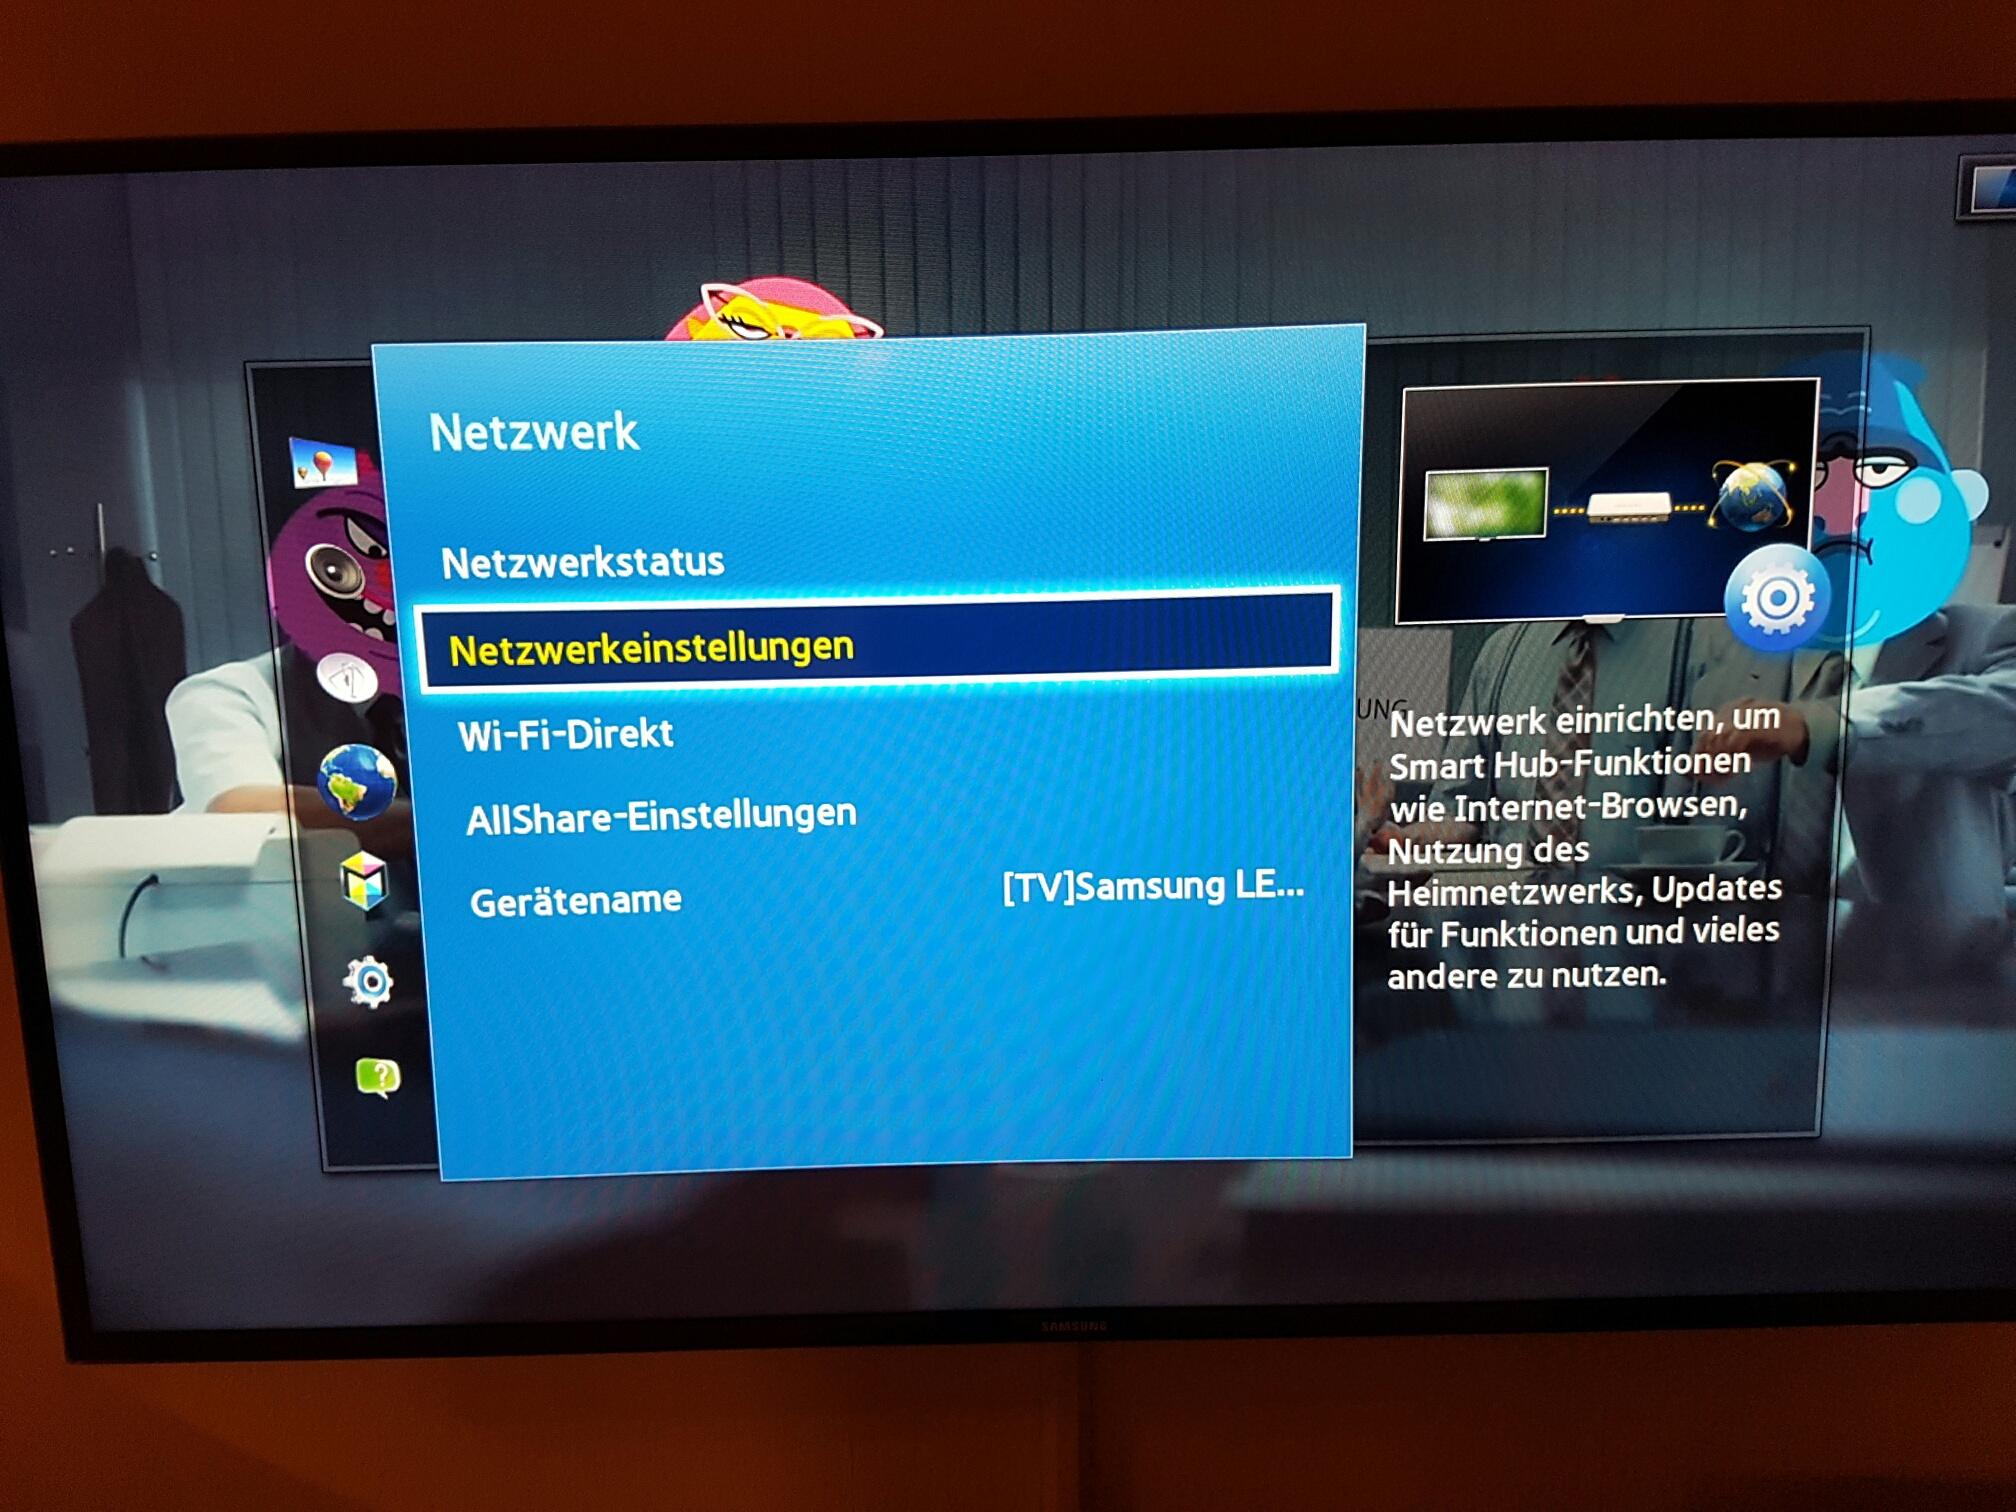 Samsung Tv Mit Dem Internet Verbinden Wlan Am Fernseher Nutzen